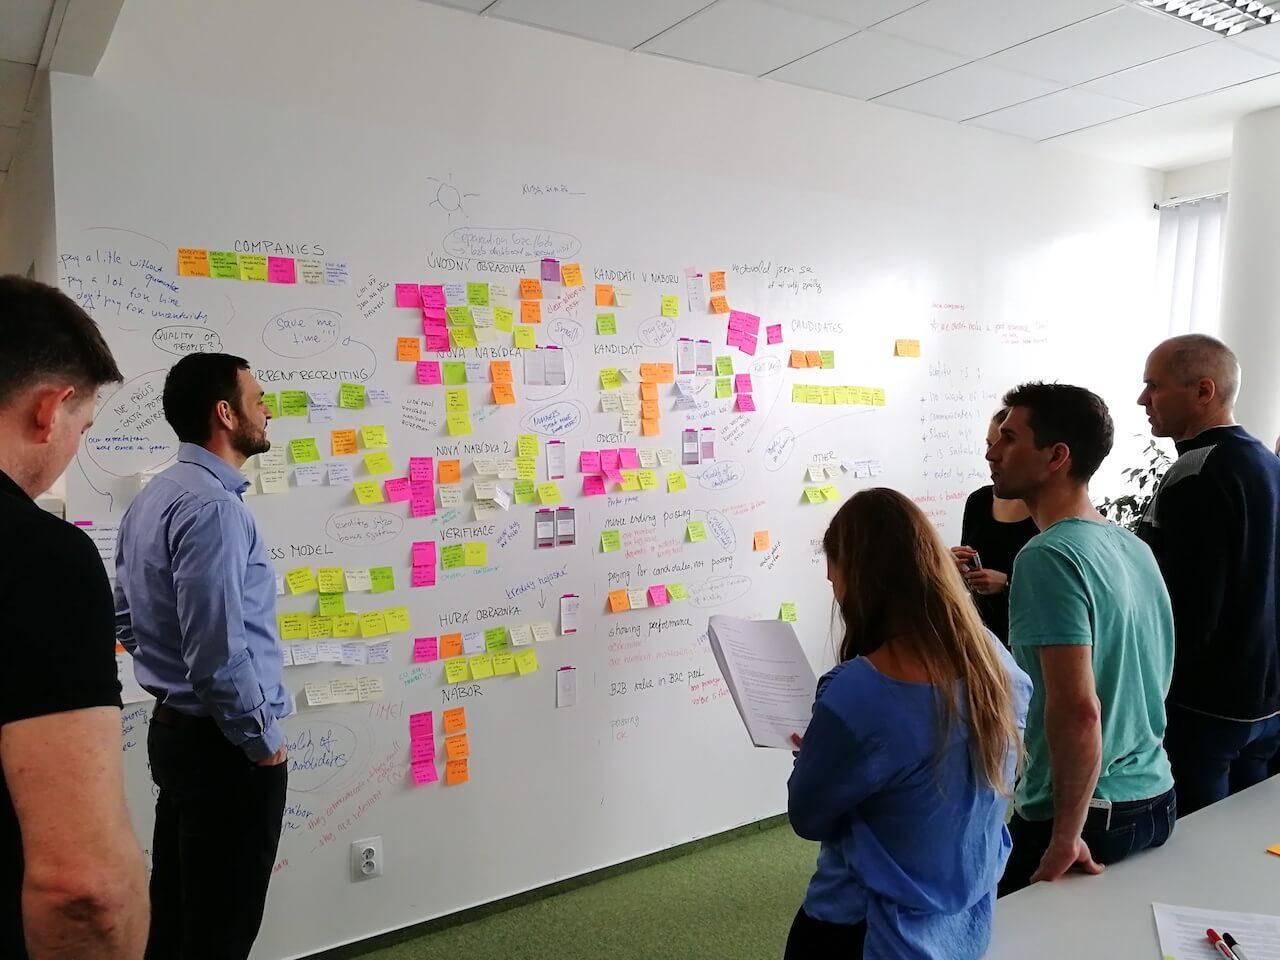 Jako tým jsme se na všem podíleli od začátku do konce. Od zjišťování informací ozákaznících pro první nápady až po finální vyhodnocení toho, jak naše nápady fungovaly.